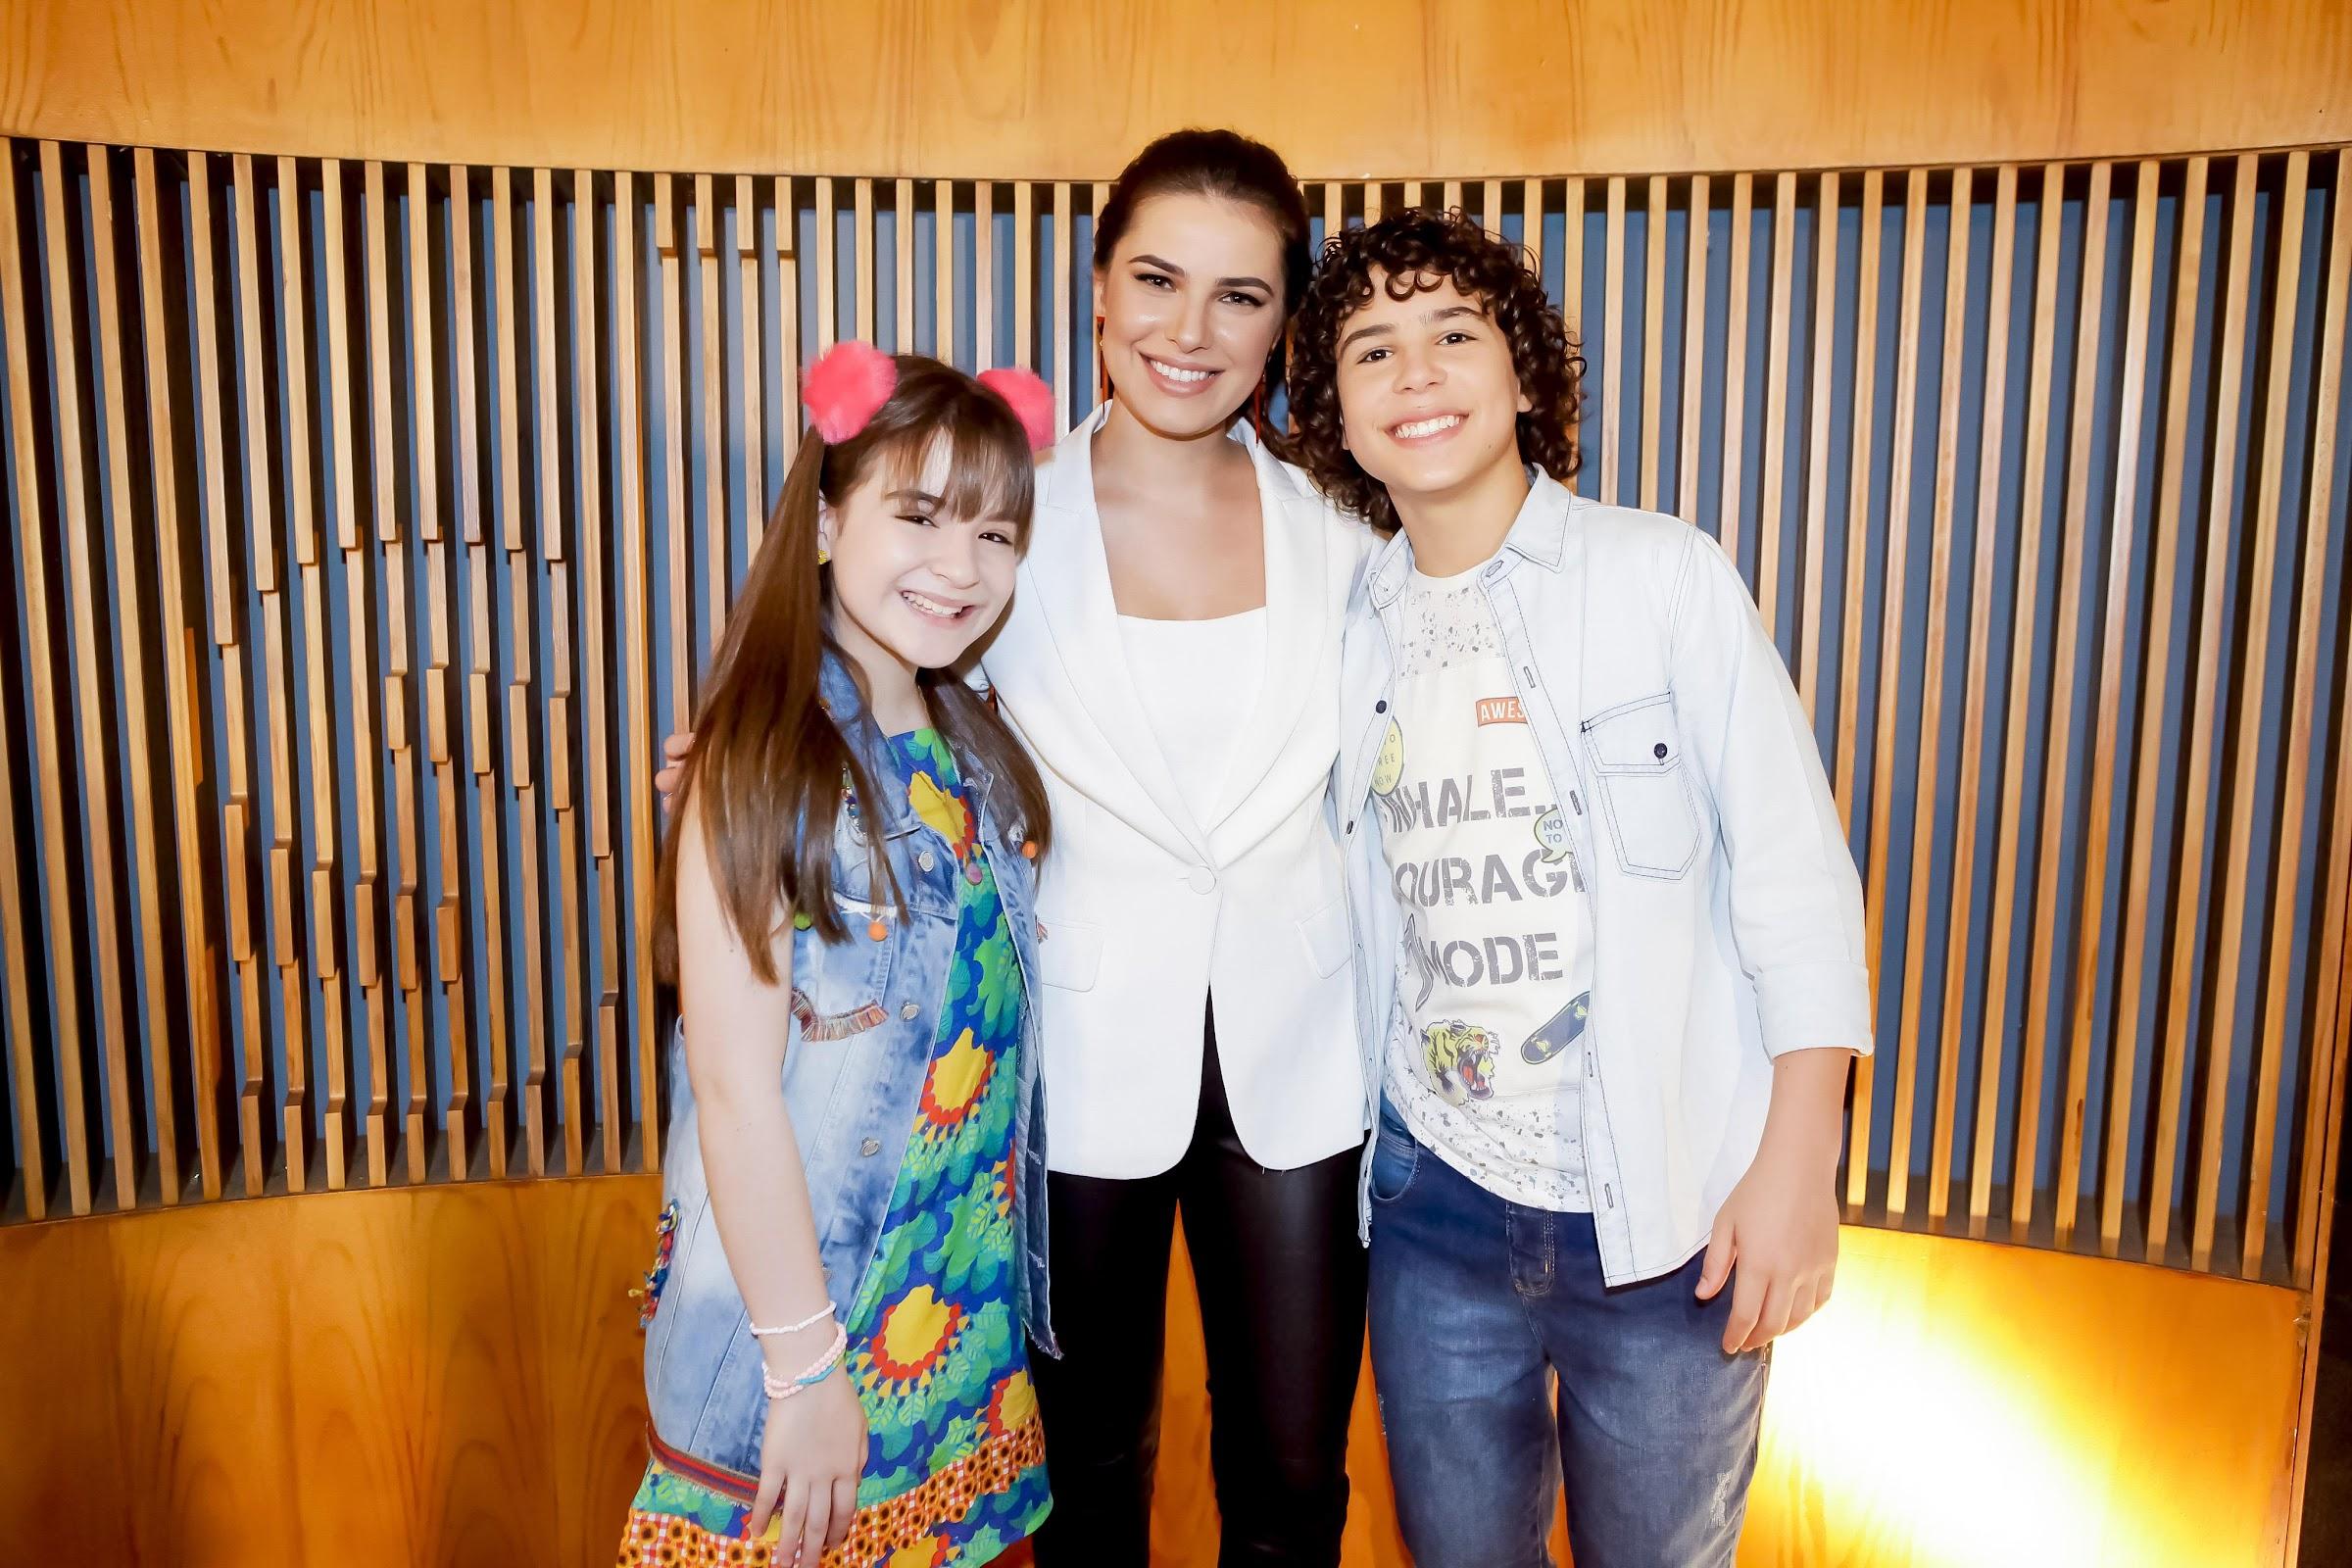 Thaís Melchior estreia em 'As Aventuras de Poliana', como a nova Luísa, a partir do dia 26